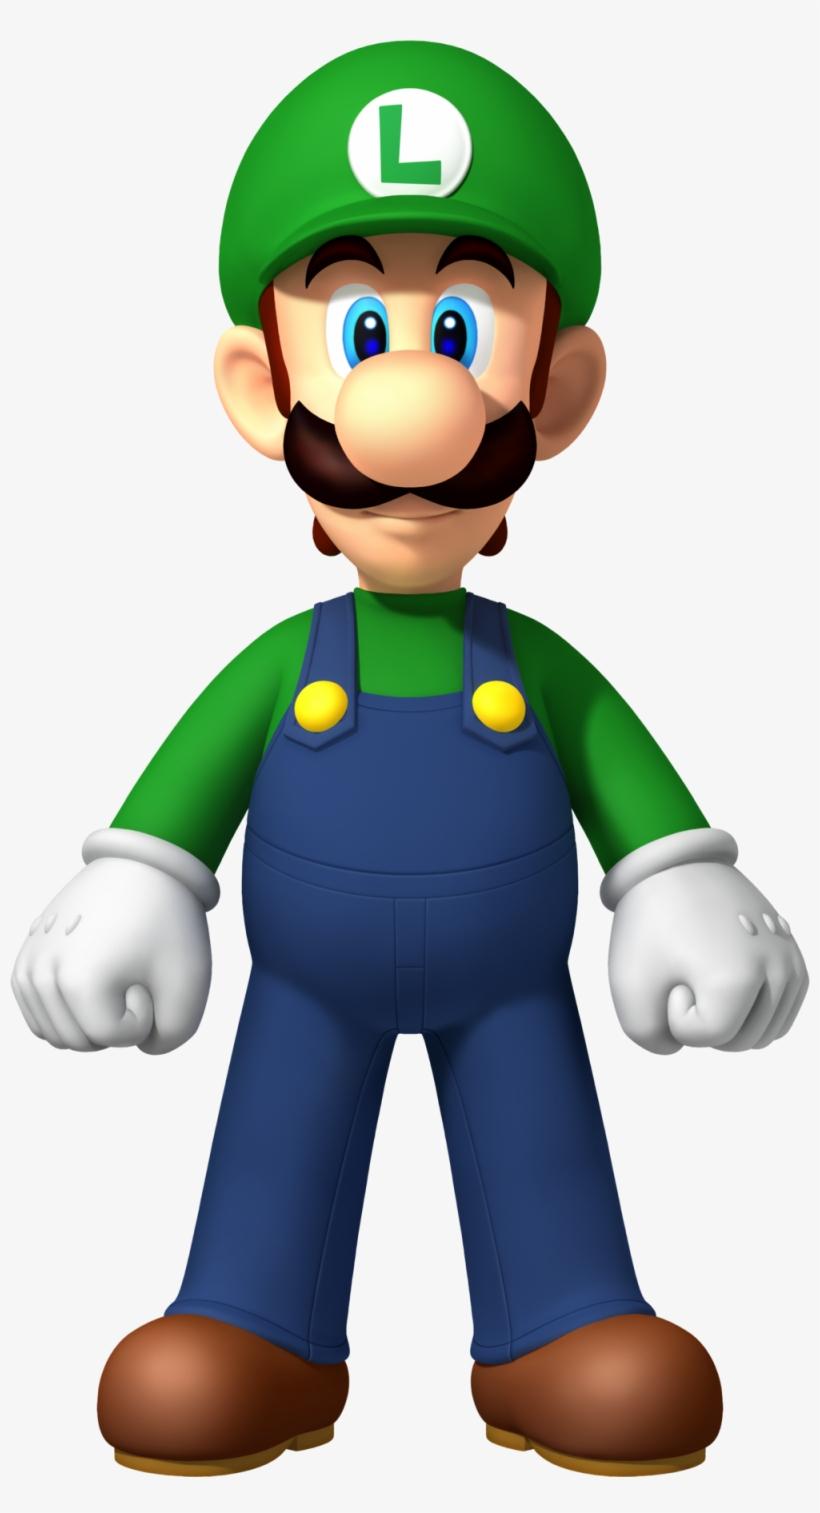 Png - New Super Mario Bros Wii Luigi, transparent png #2003569